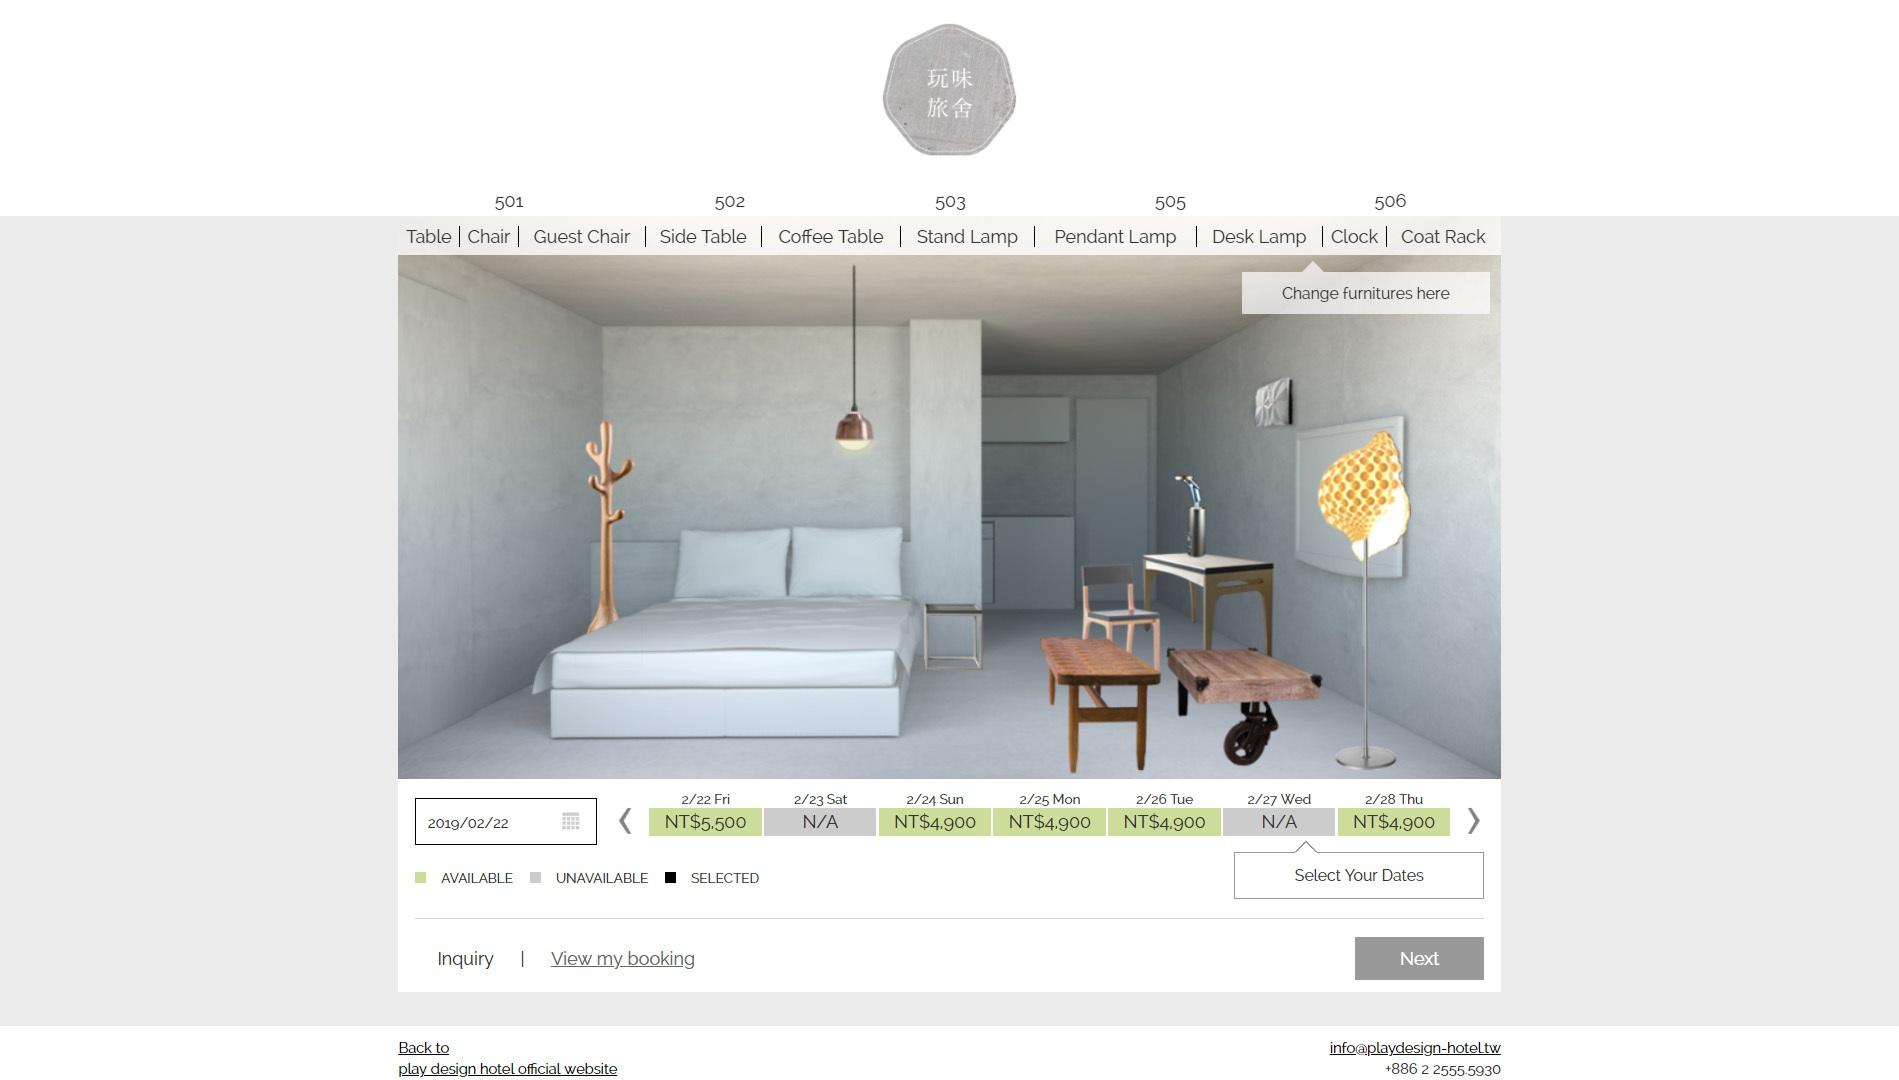 我們將房間的必要物件對應台灣設計品牌的家具及家飾品,共分為十個類項:桌子、椅子、客椅、邊桌、茶几、立燈、吊燈、桌燈、時鐘、衣架。使用者透過挑選類項中感興趣的台灣設計師作品,完成自己的客房設計。